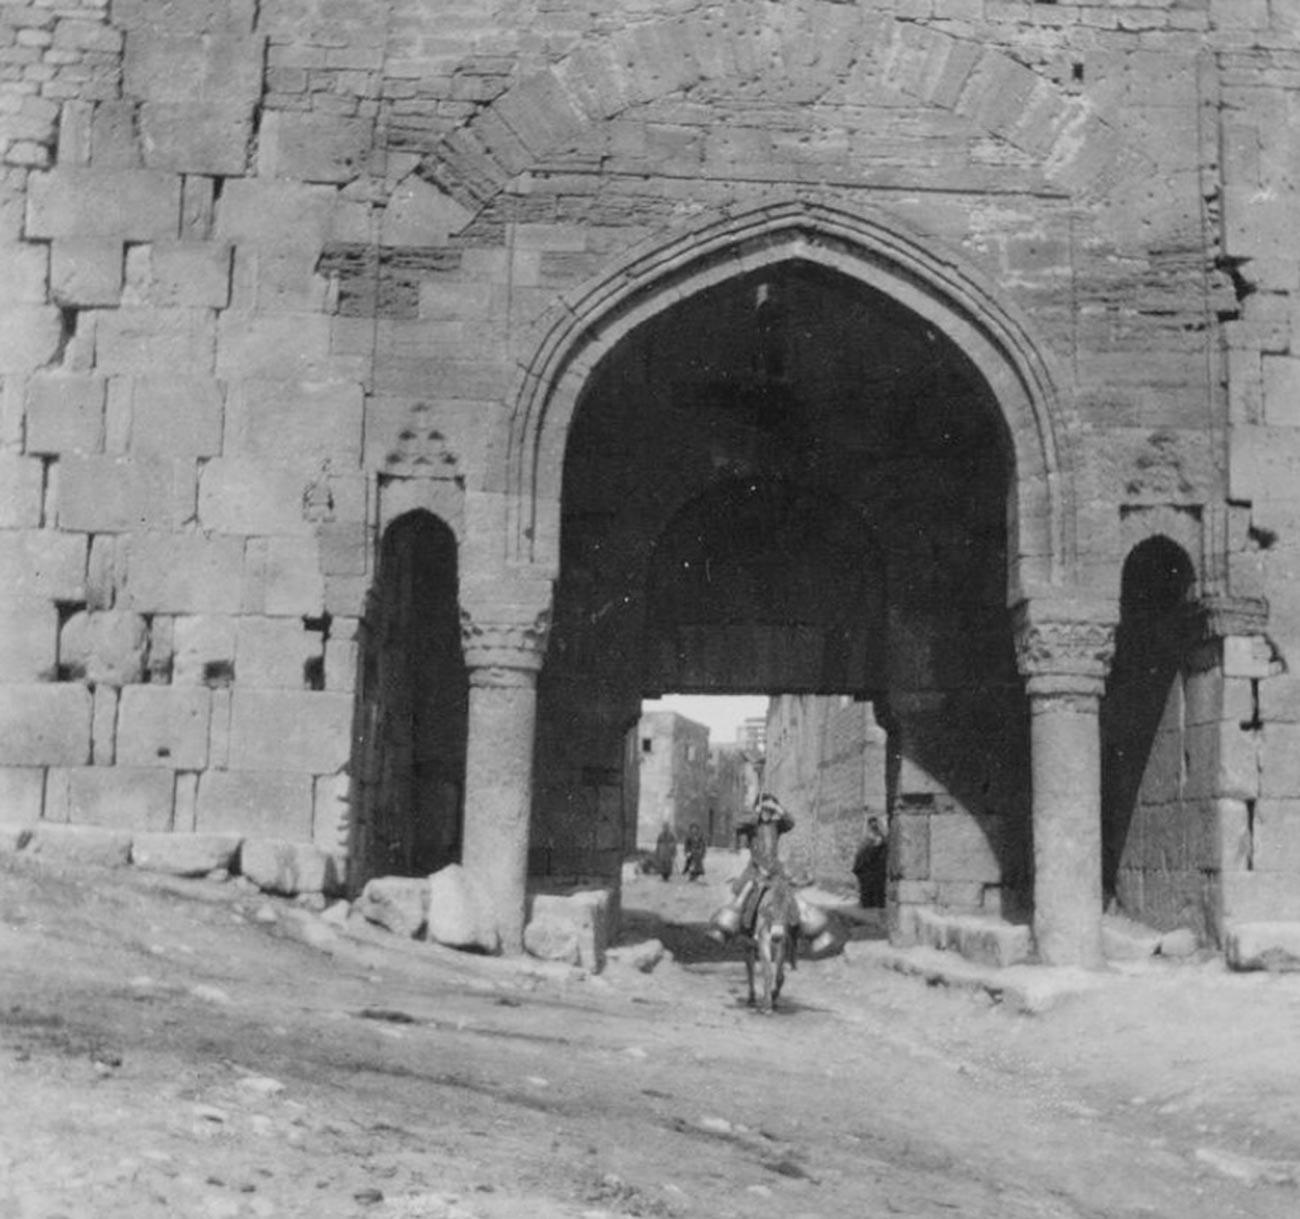 La citadelle de Naryn-Kala fait partie de la forteresse de Derbent, qui est inscrite sur la liste du patrimoine mondial de l'UNESCO.